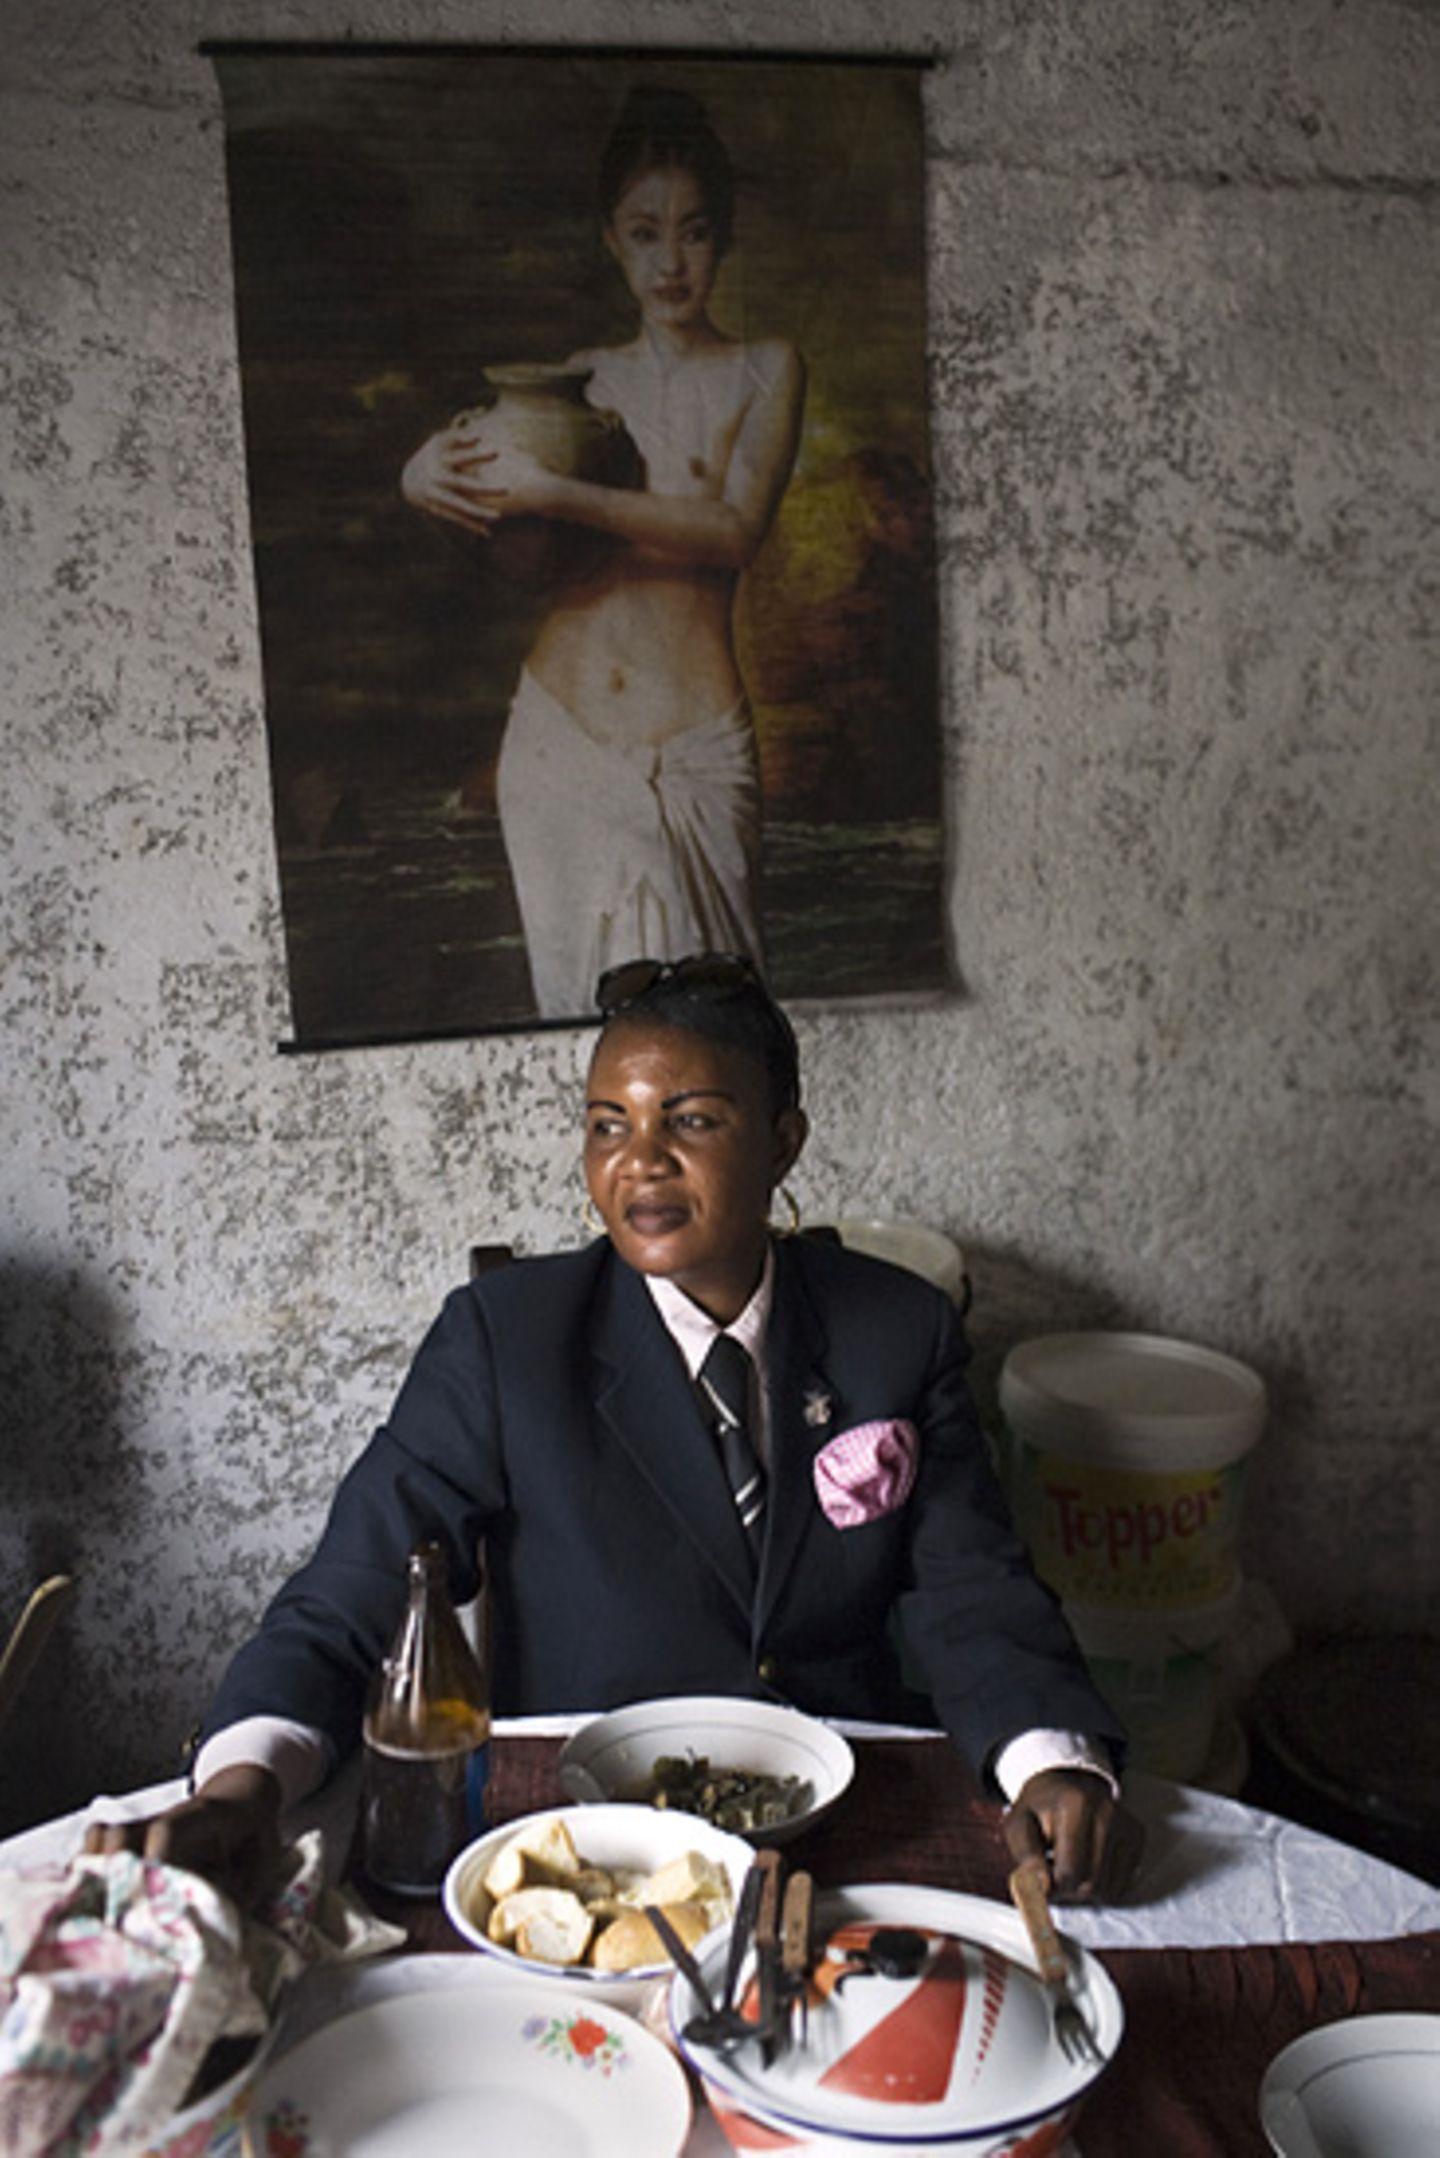 Fotogalerie: Die Sapeurs von Brazzaville - Bild 5